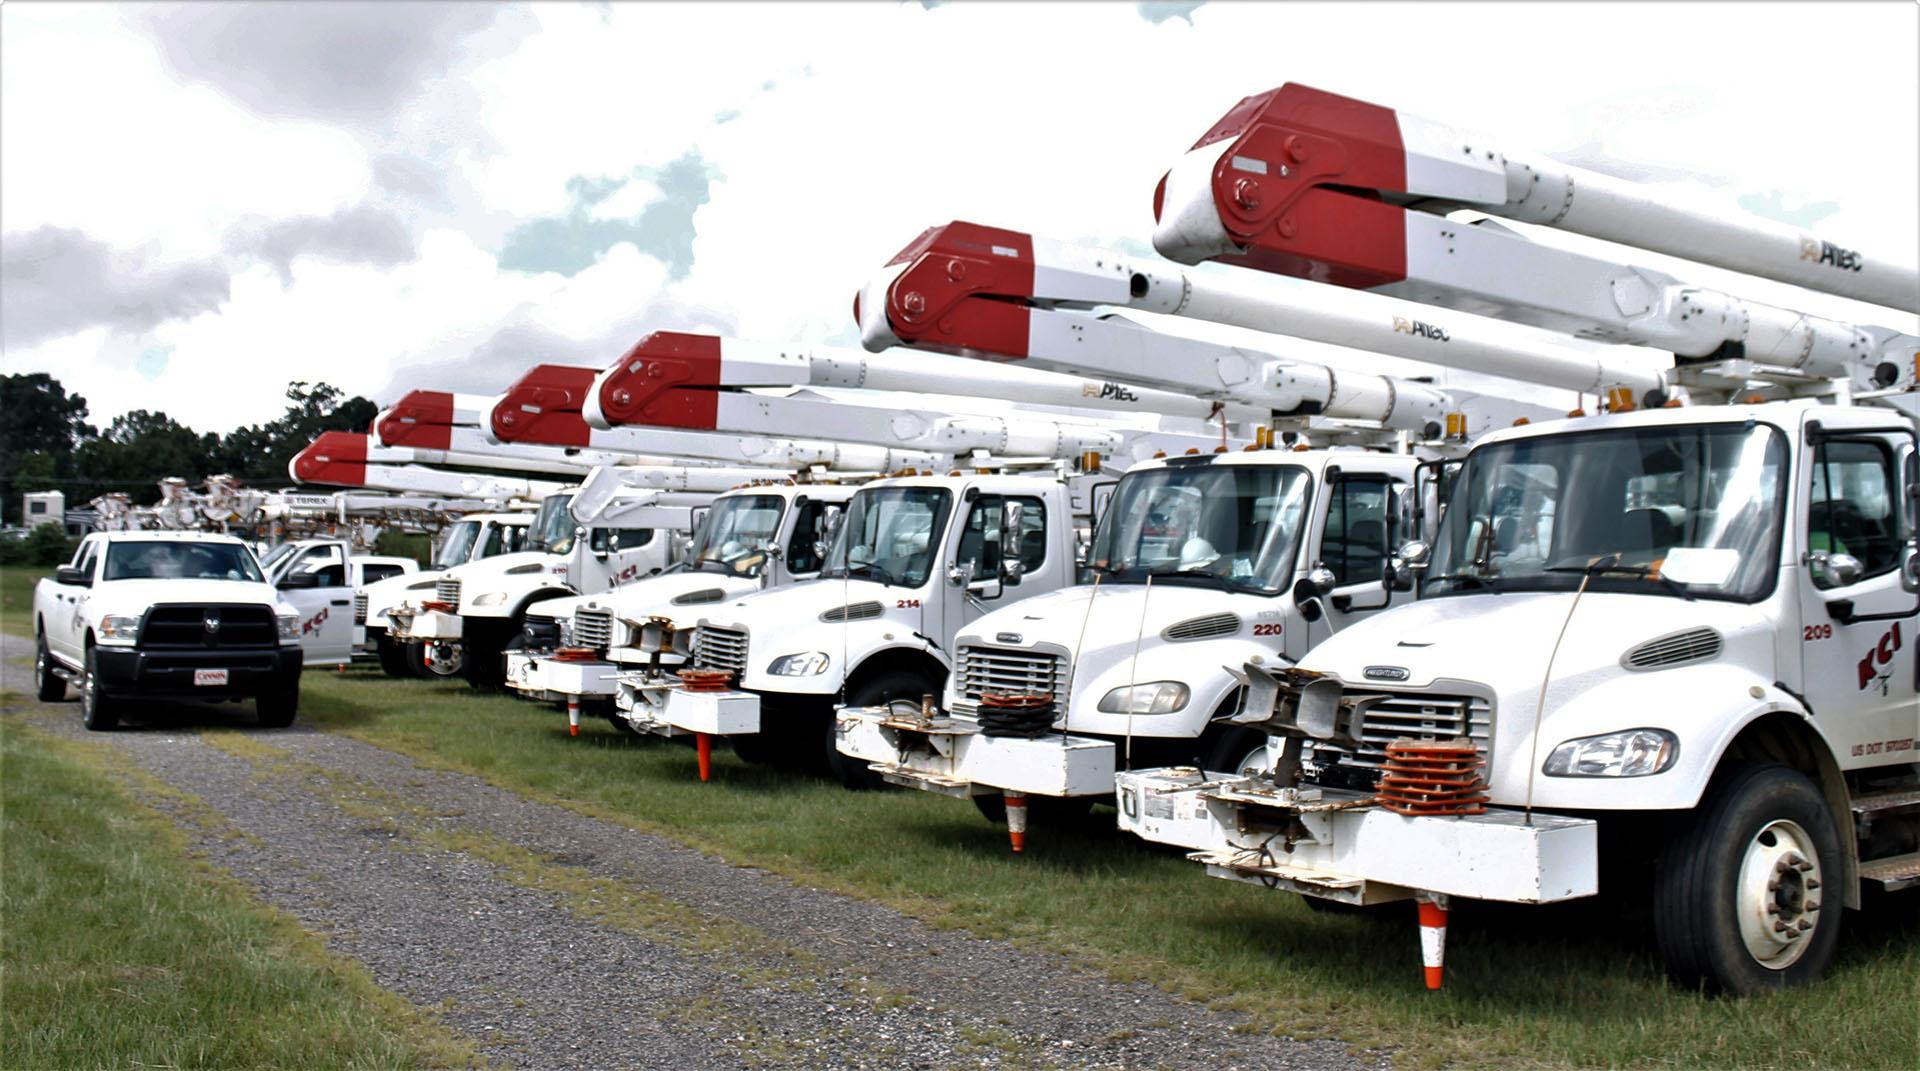 Los camiones se organizaron antes de un viaje a Wilmington, Carolina del Norte, para ayudar con los esfuerzos de restauración de energíatras el paso del huracán Florence (Foto AP / Skip Foreman)